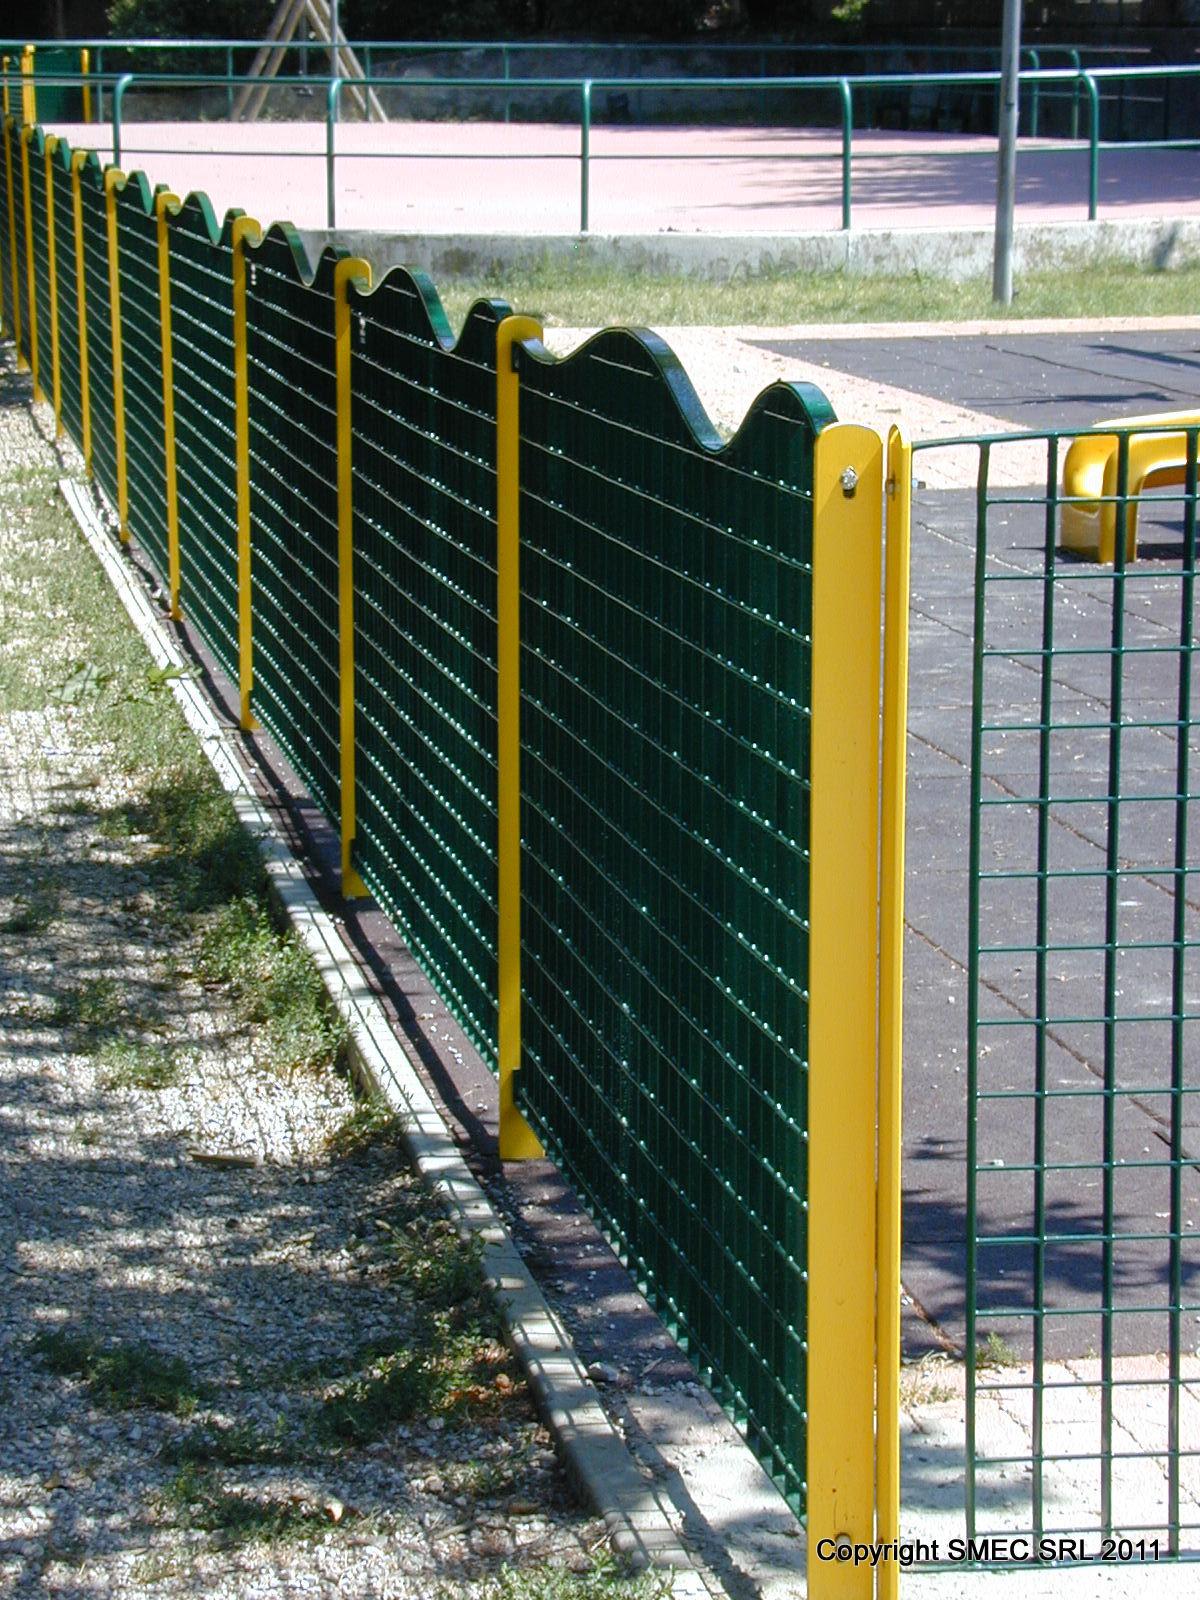 Recinzione Giardino In Ferro a ogni giardino la sua recinzione - guidagiardini.it